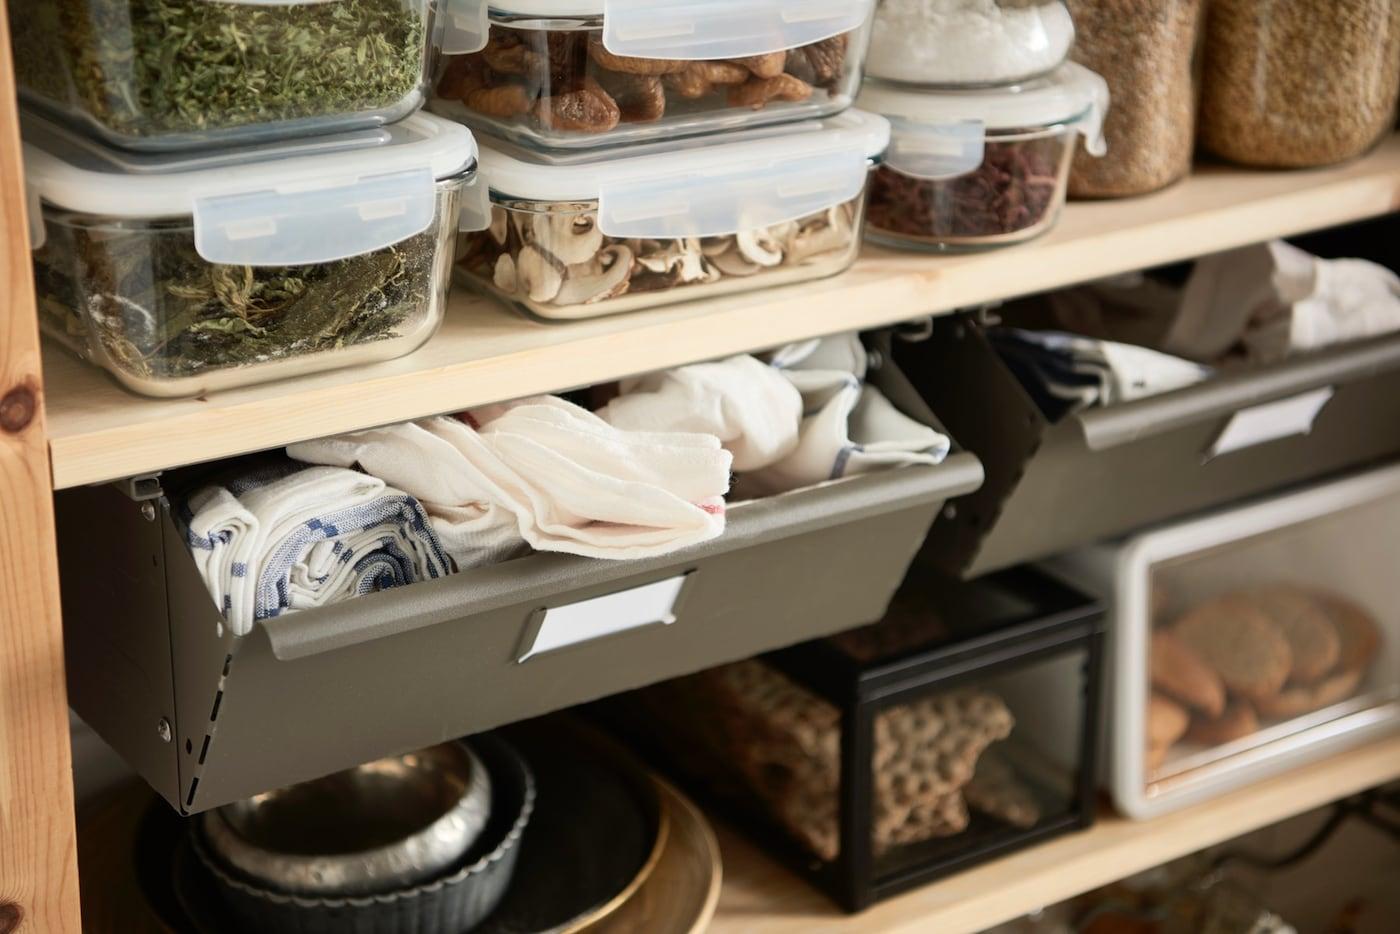 Aufbewahrung von Lebensmitteln, Küchentextilien und Geschirr in einem offenen Regal.